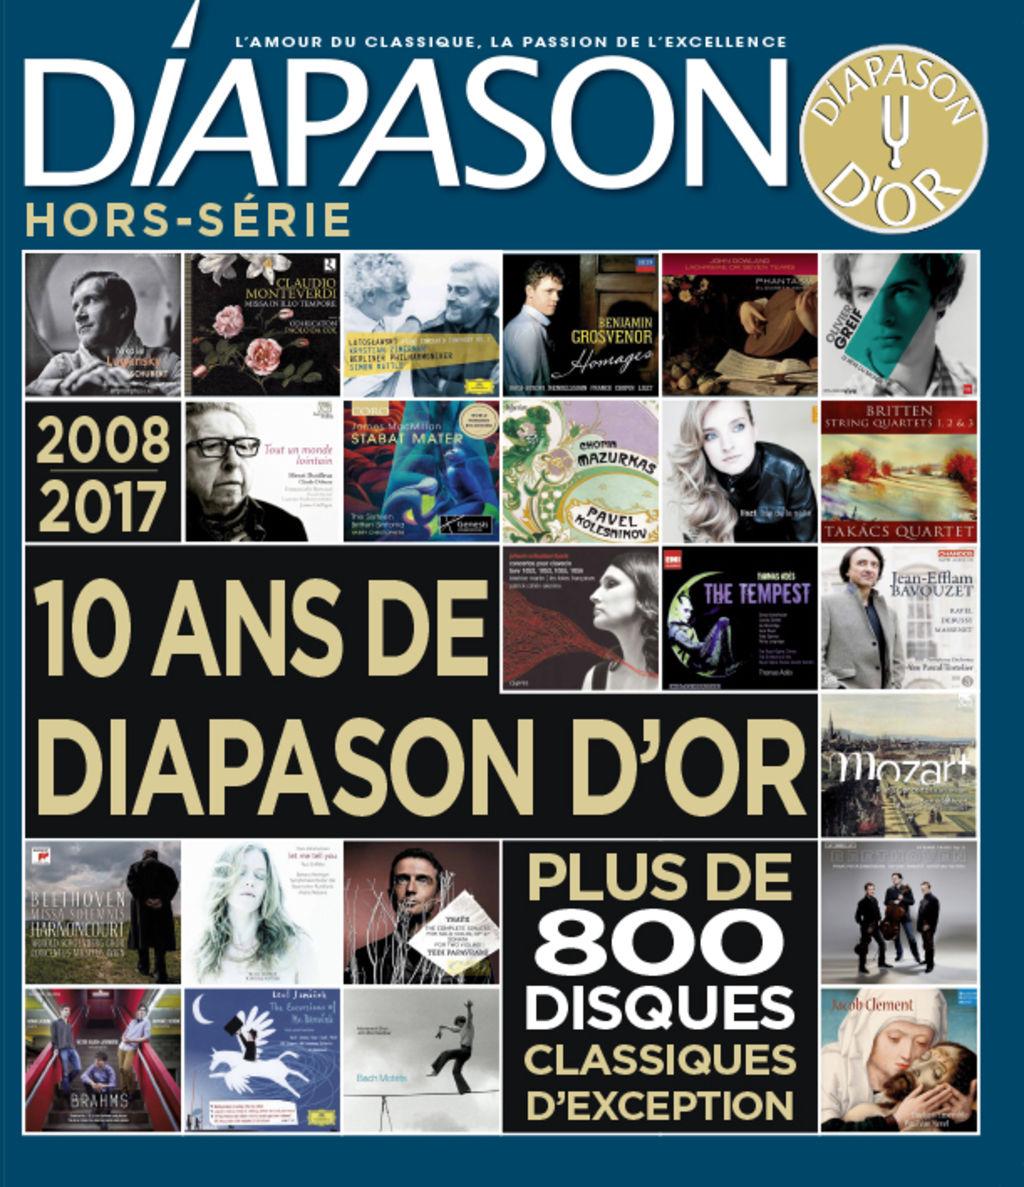 un-numero-exceptionnel-diapason-300-pages-diapason-or_width1024